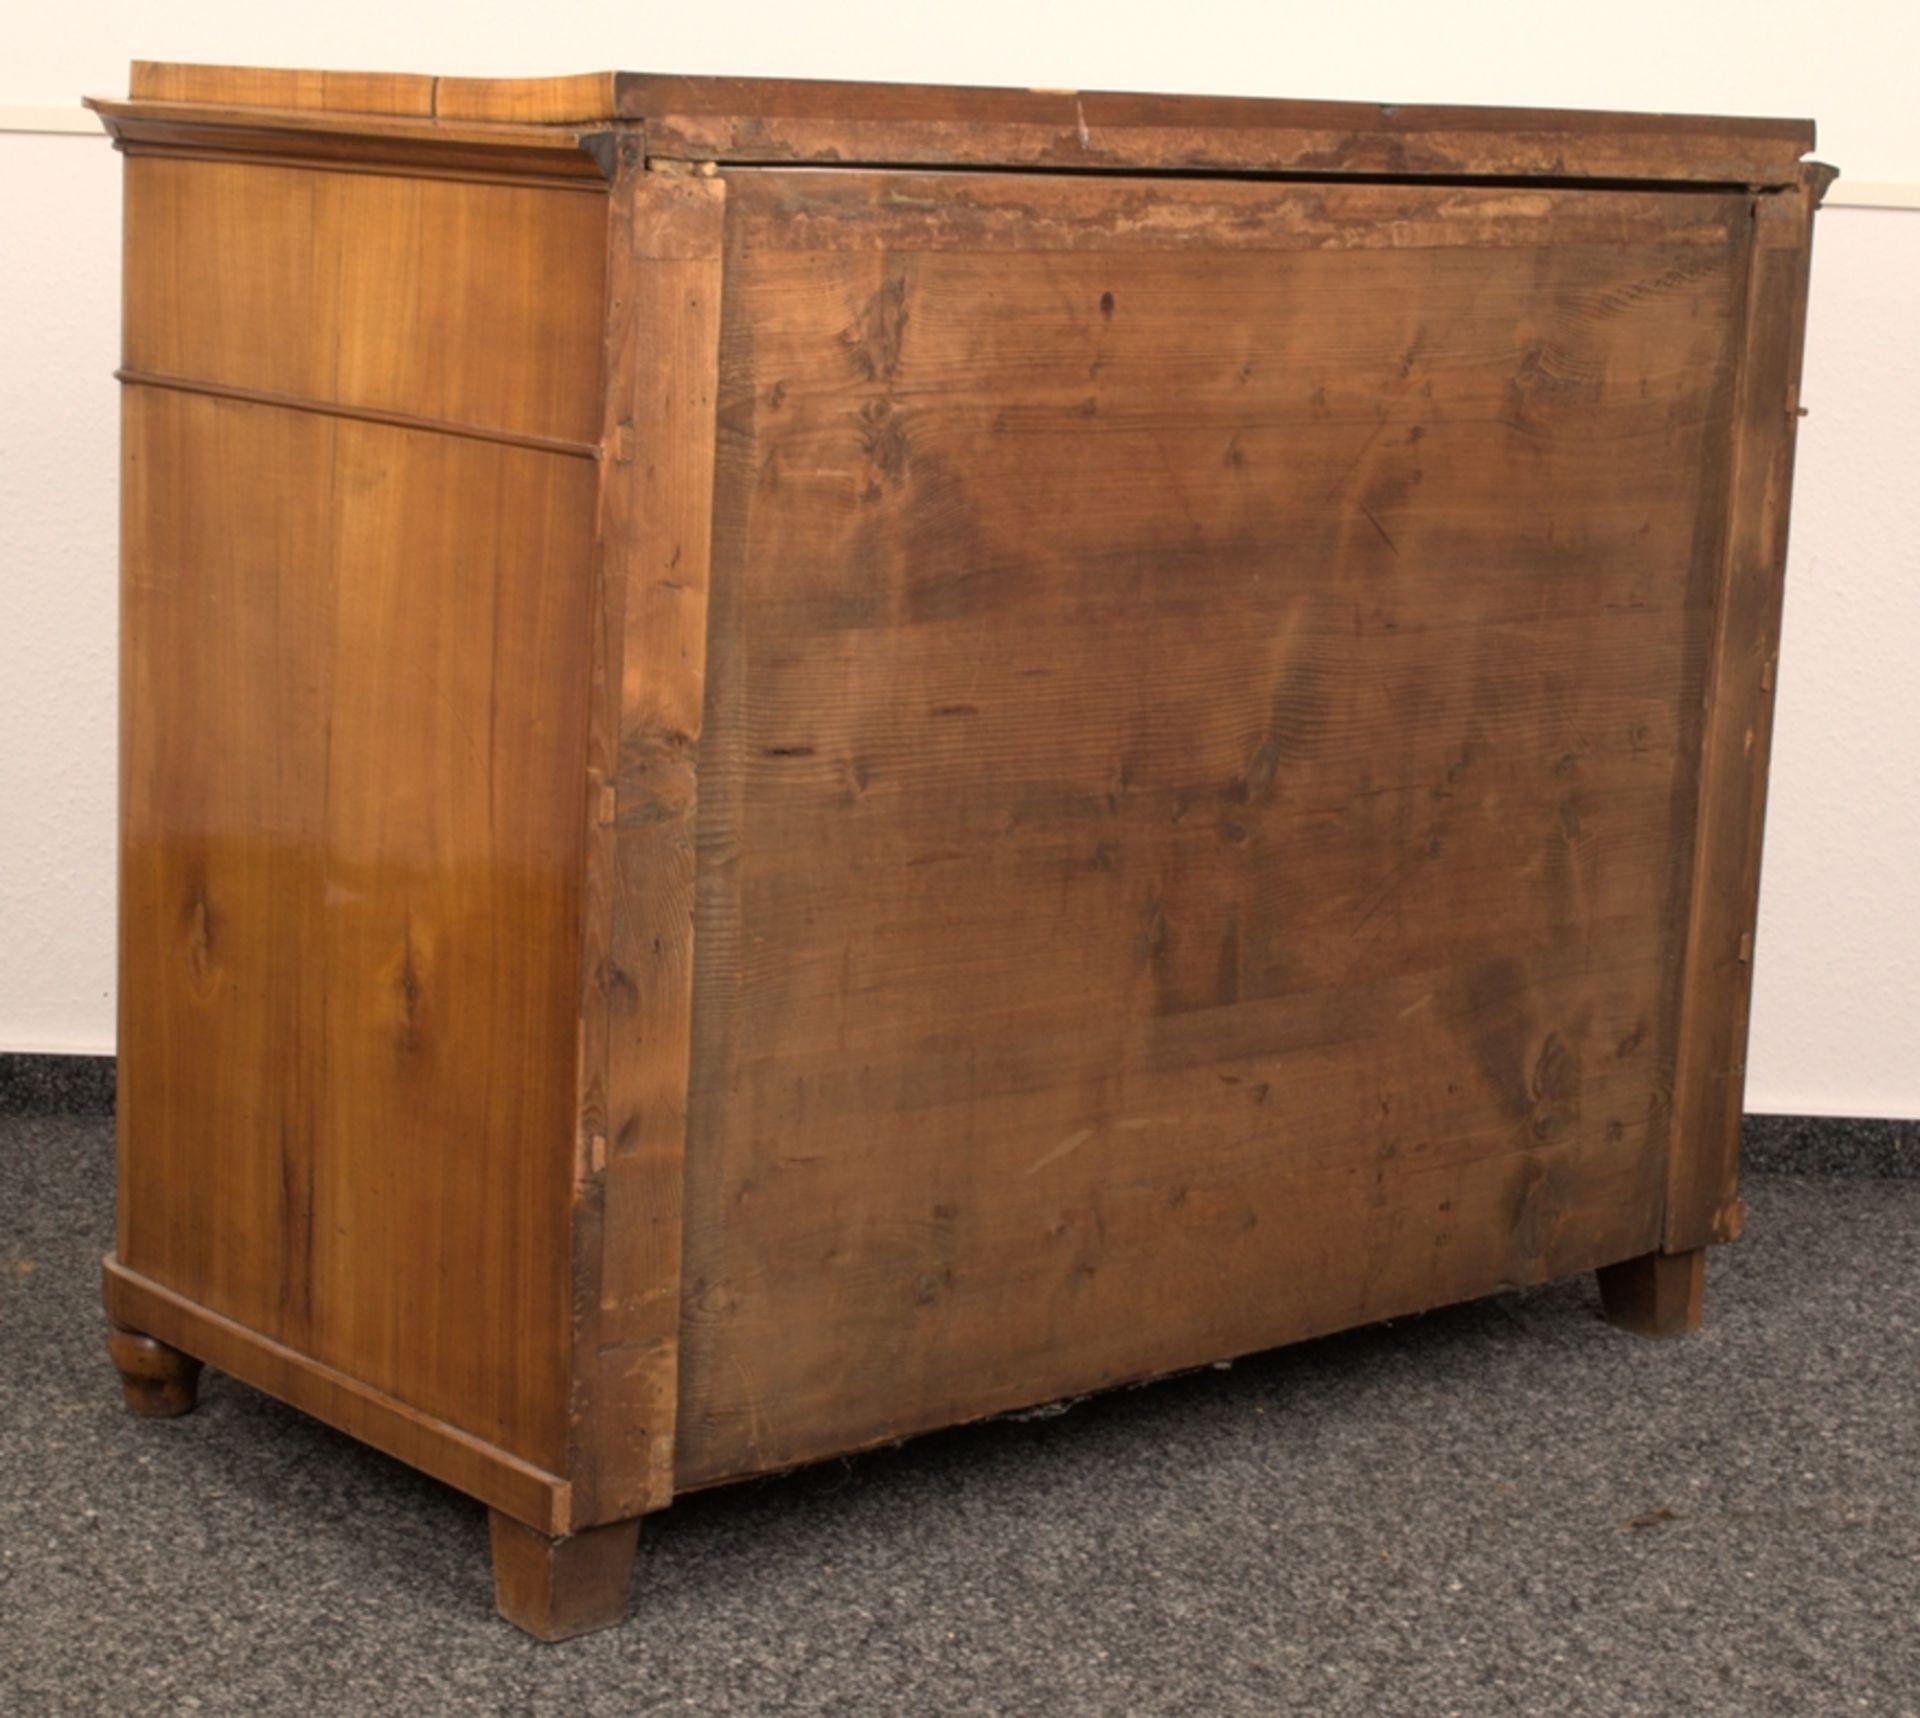 Wäschekommode. Biedermeier um 1835. Kirschbaum massiv & furniert, die 4 Schubladen-Fronten mit - Bild 18 aus 18